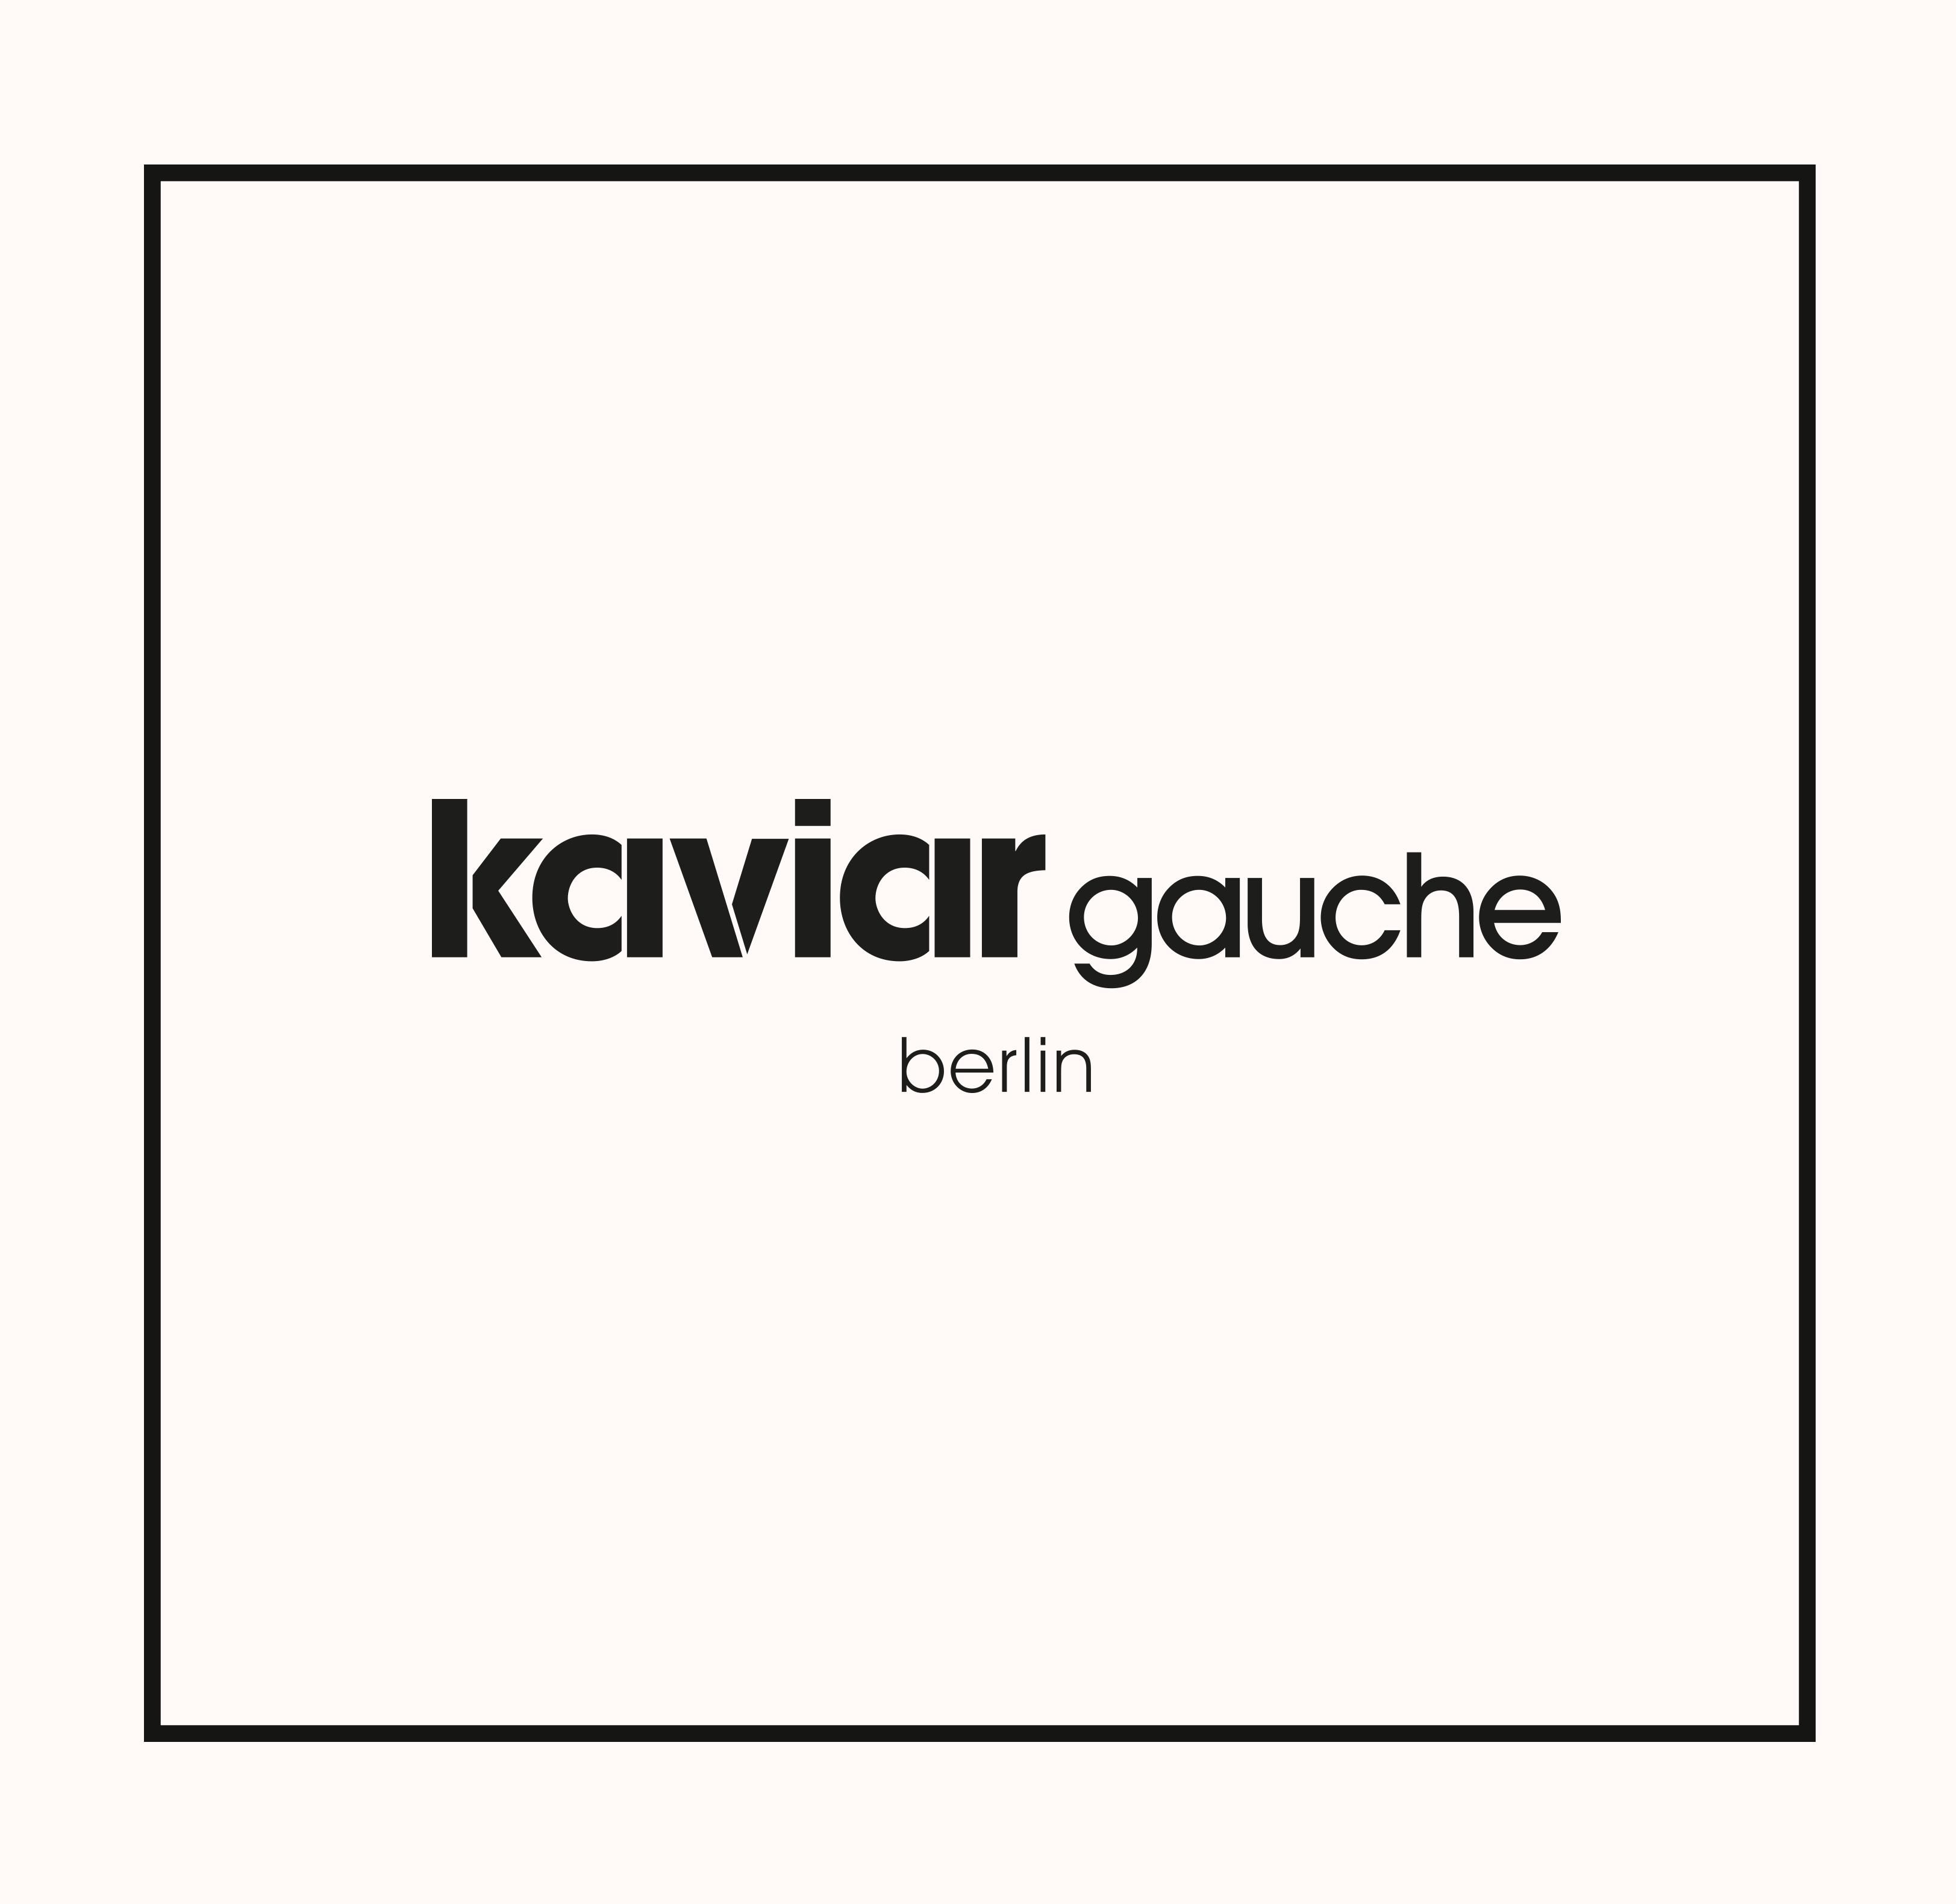 KaviarGaucheWeb1